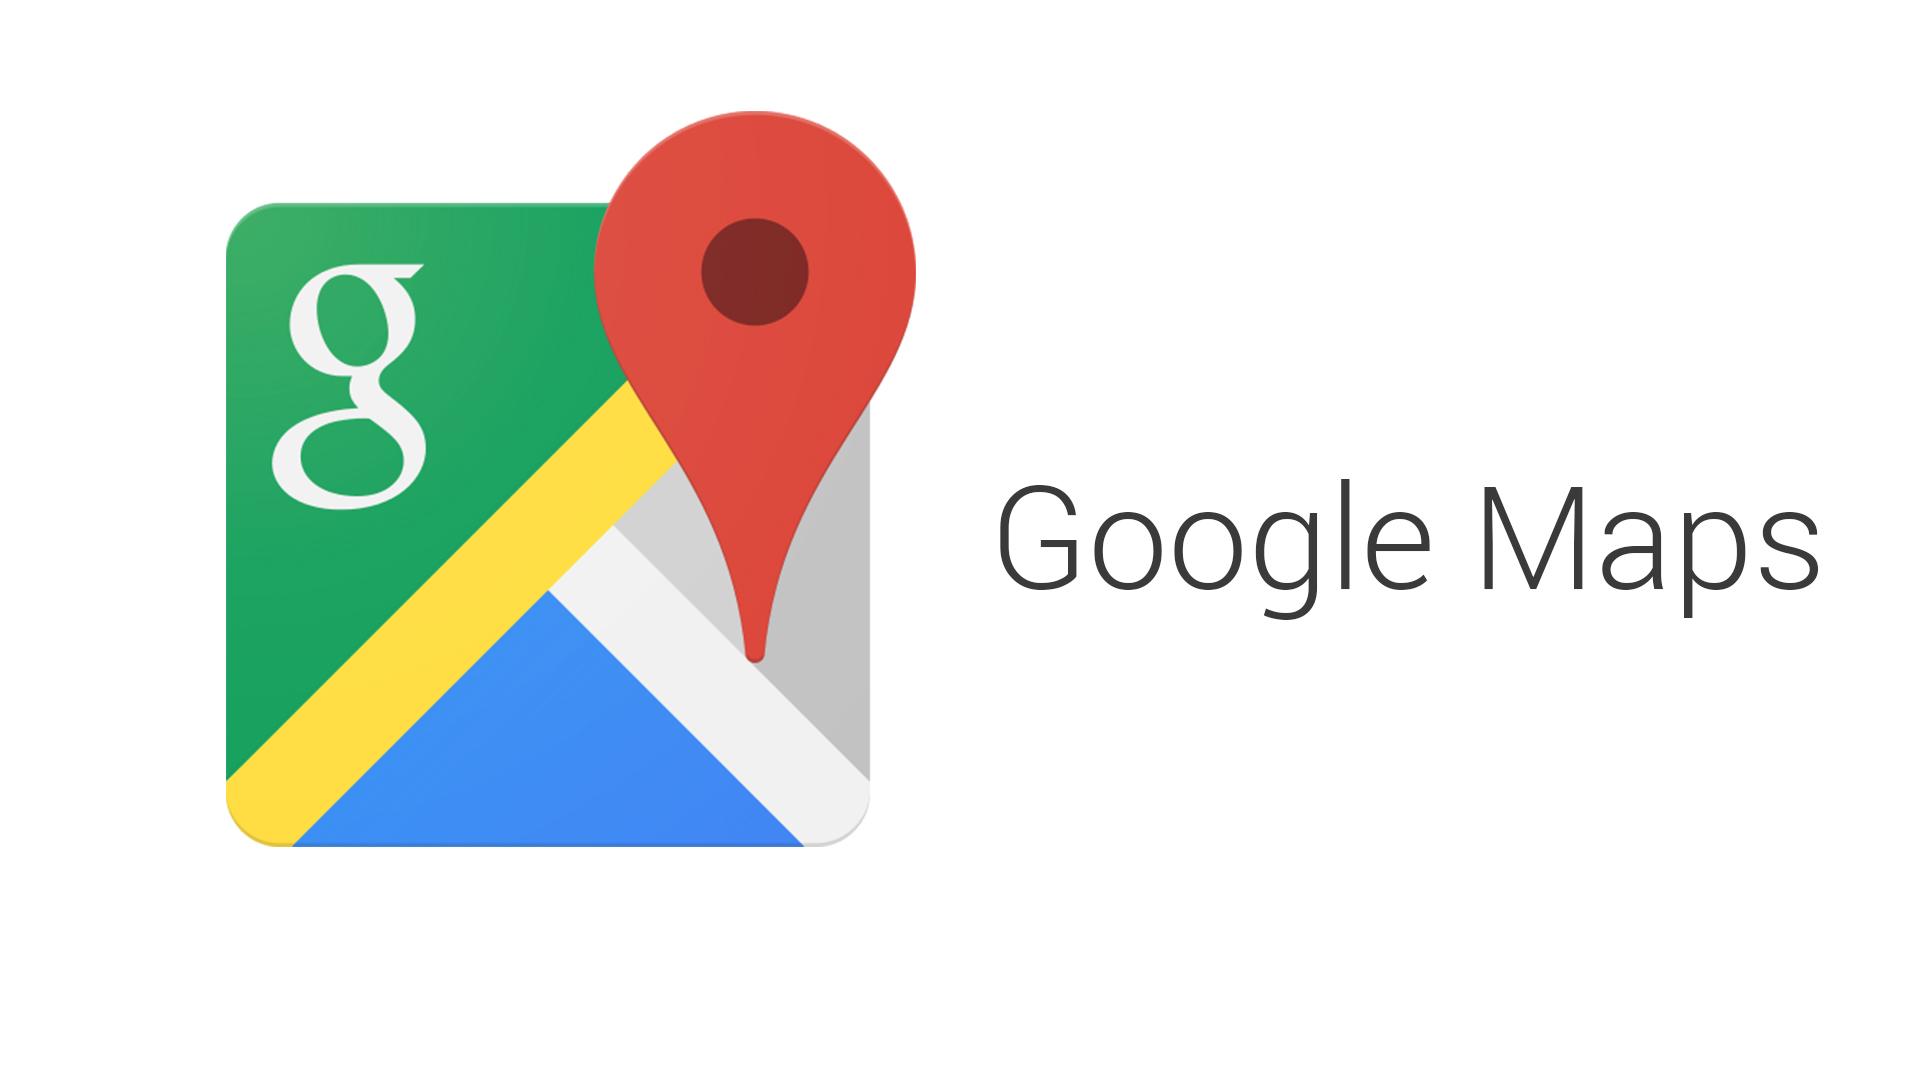 Google Mapy si pohrávají s funkcí PiP